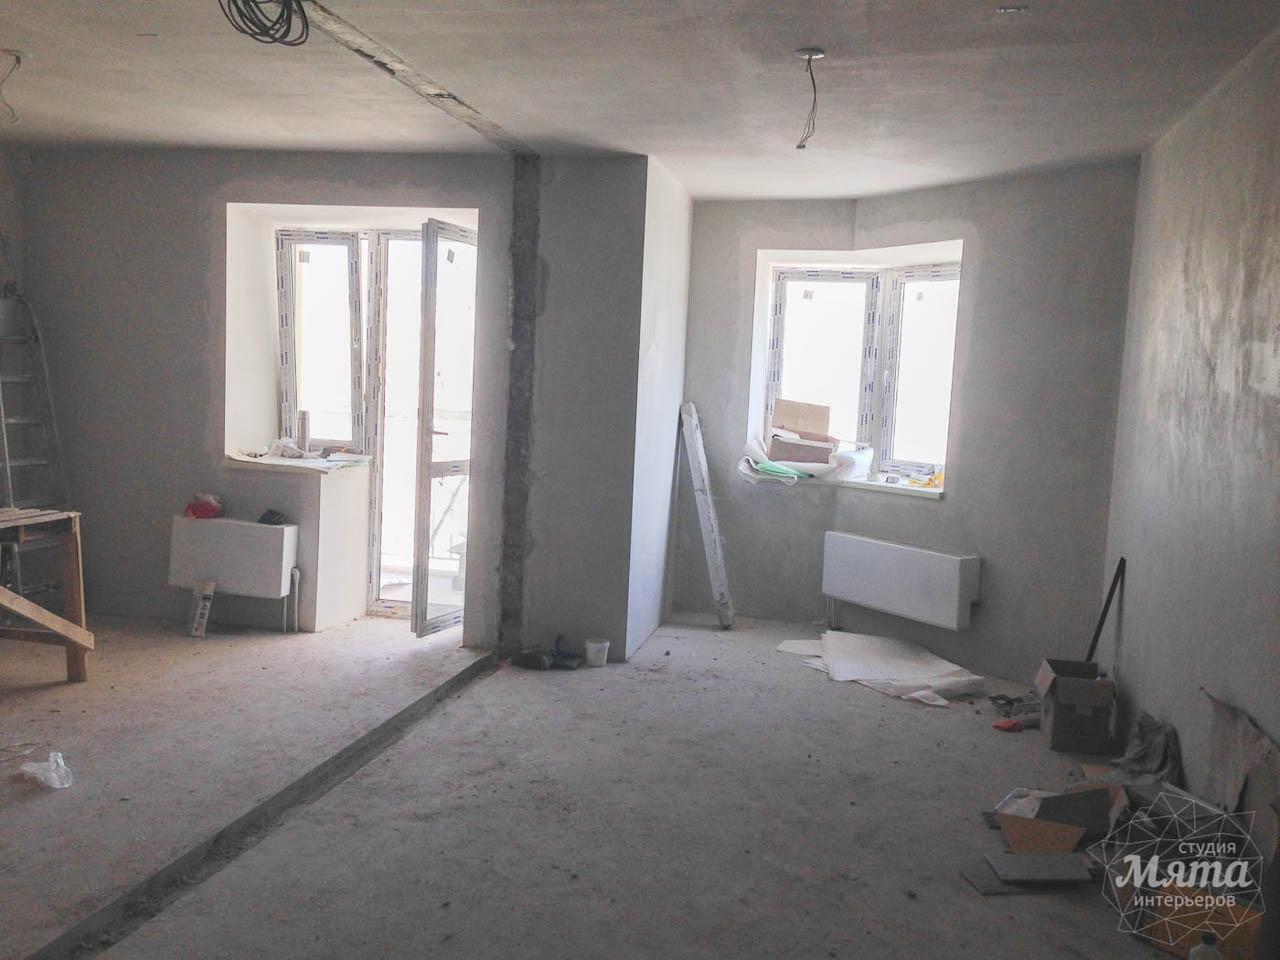 Дизайн интерьера и ремонт однокомнатной квартиры по ул. Сурикова 53а 27